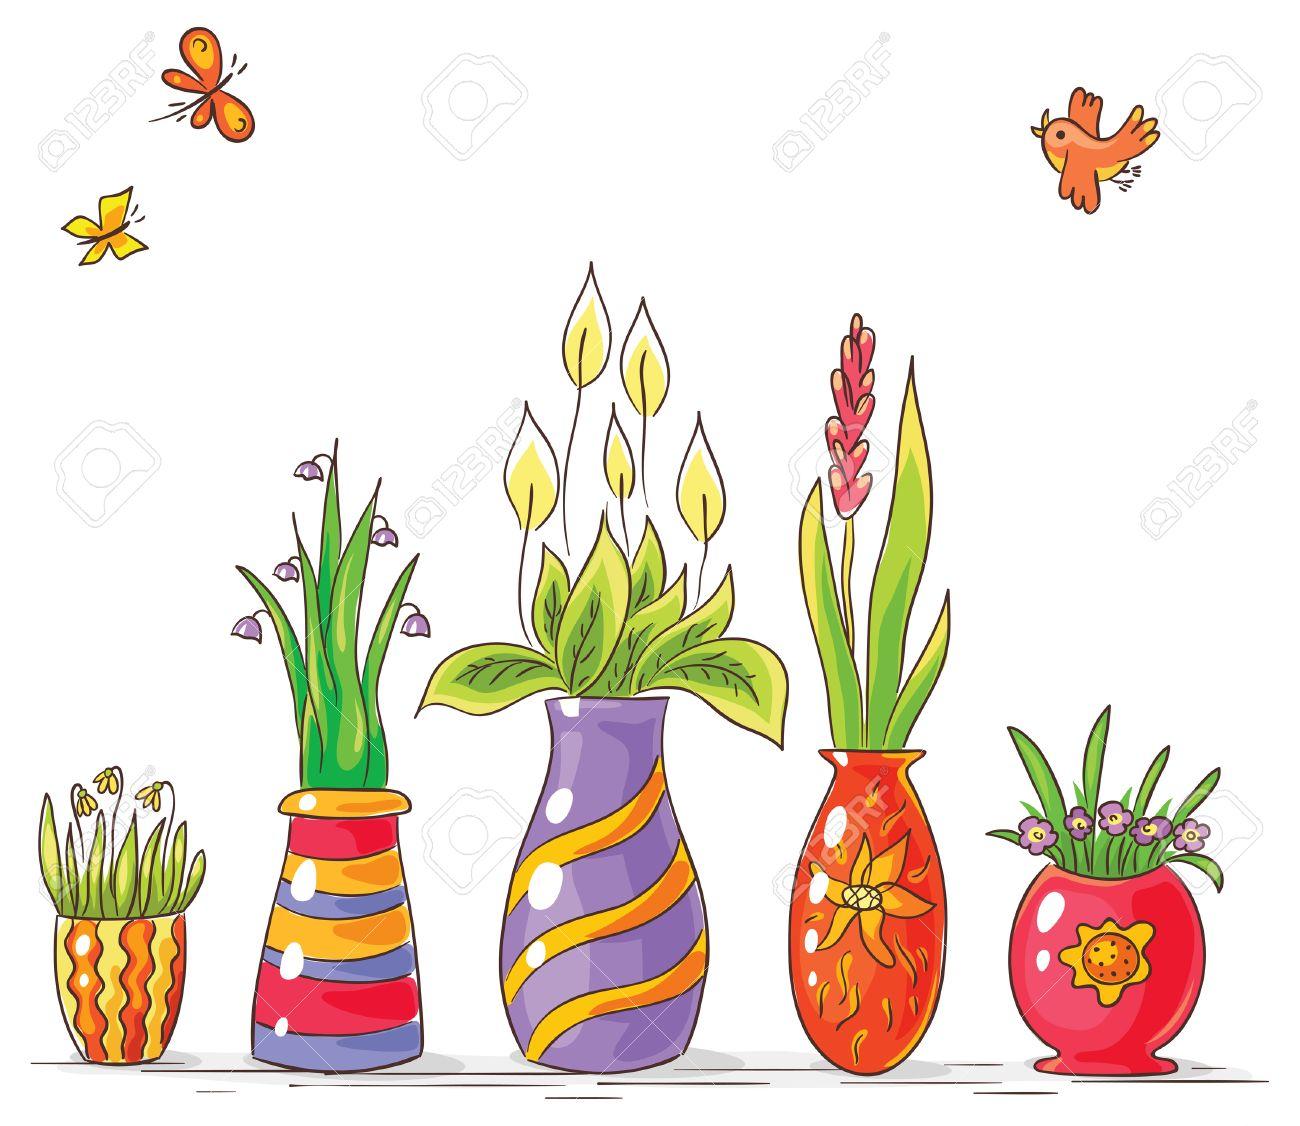 Dibujo De Jarrones Con Flores De Colores En Una Fila No Degradados